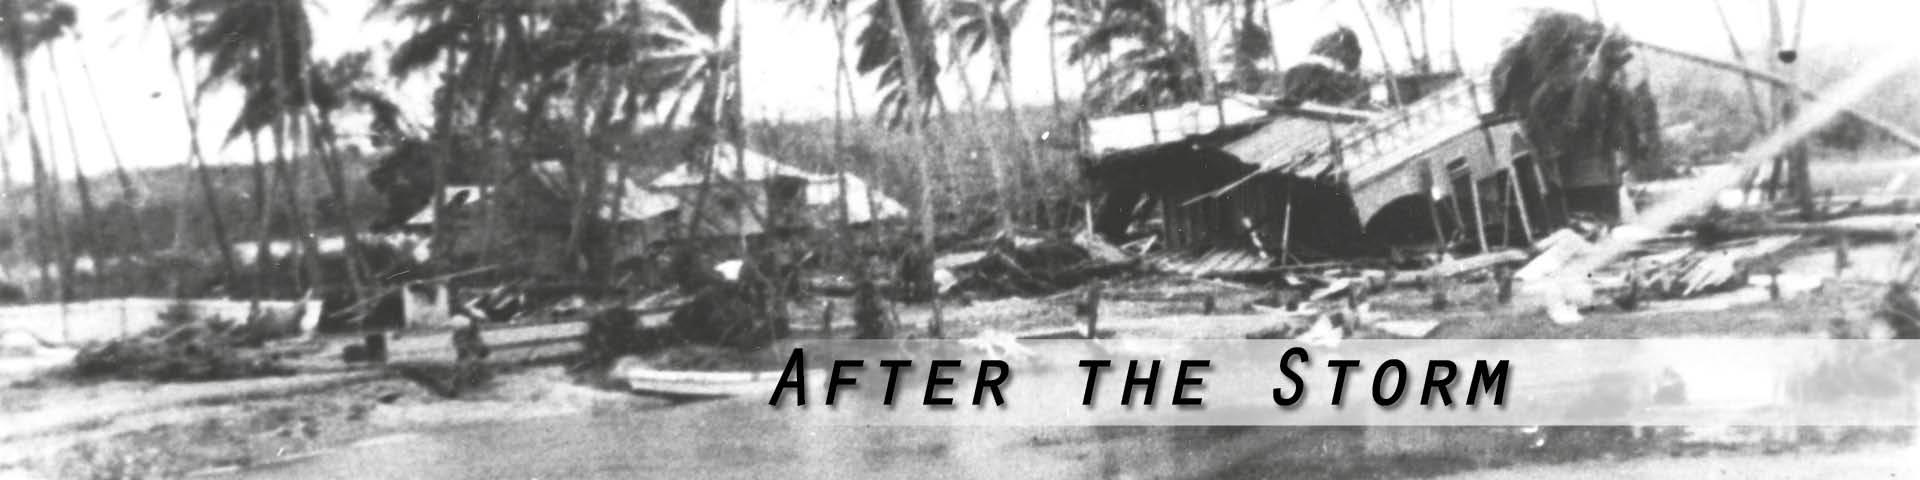 After the storm slider 023